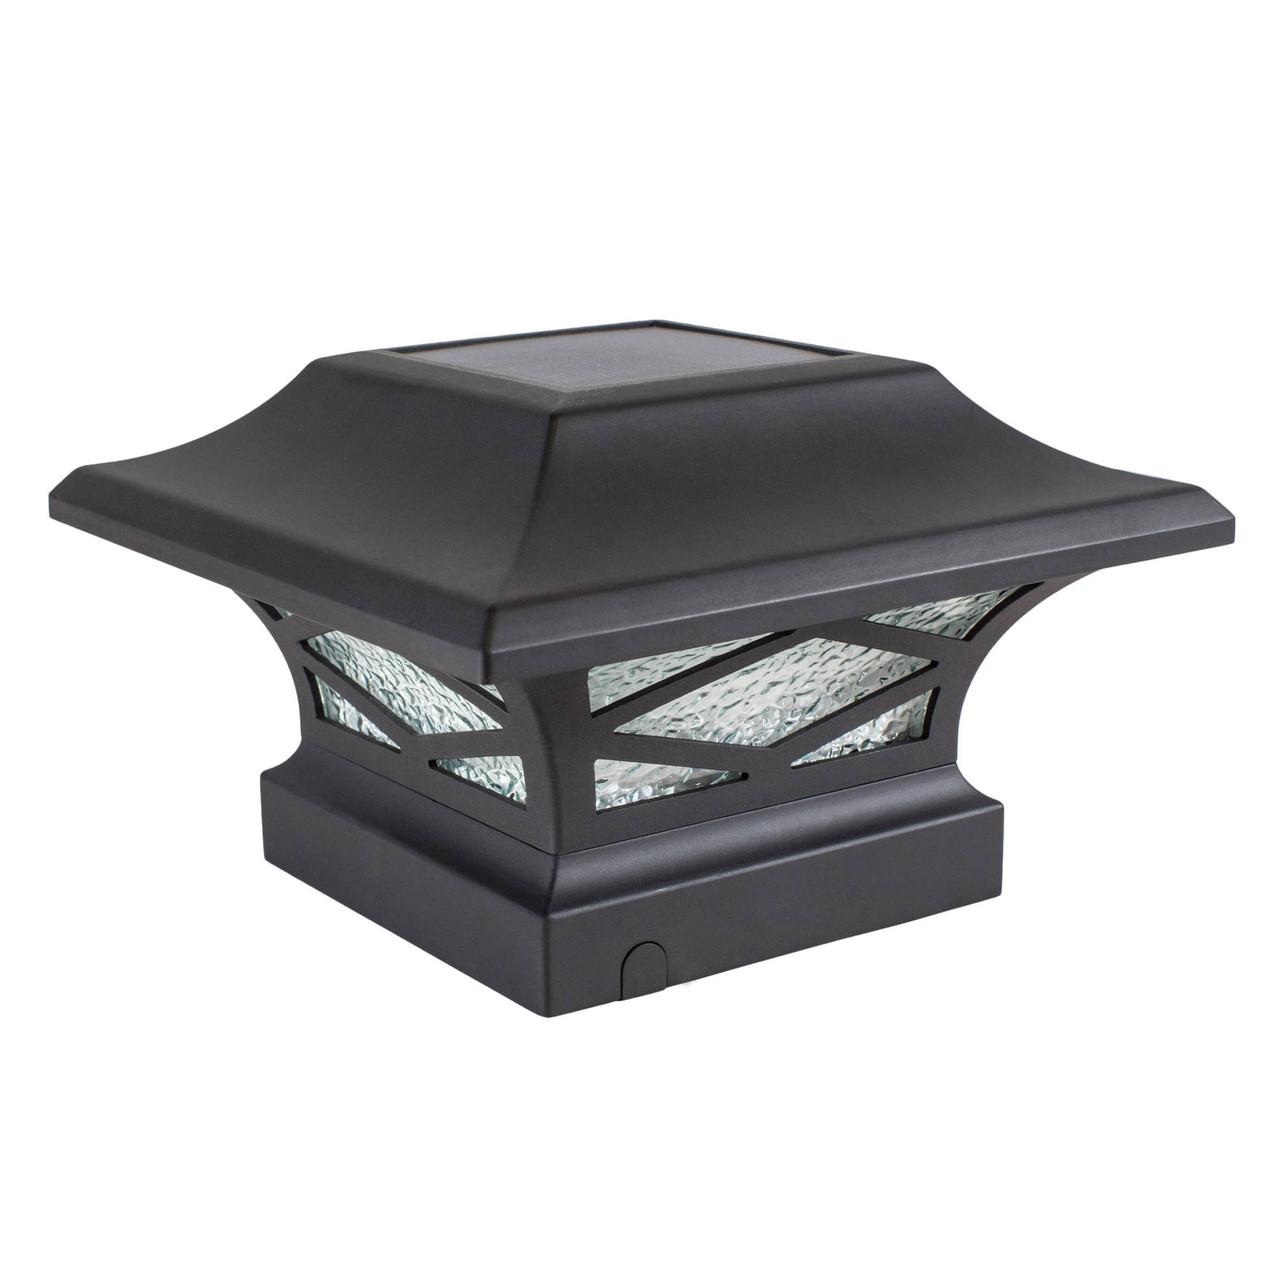 Kingsbridge Black Cast Aluminum Solar Post Cap Light from Classy Caps